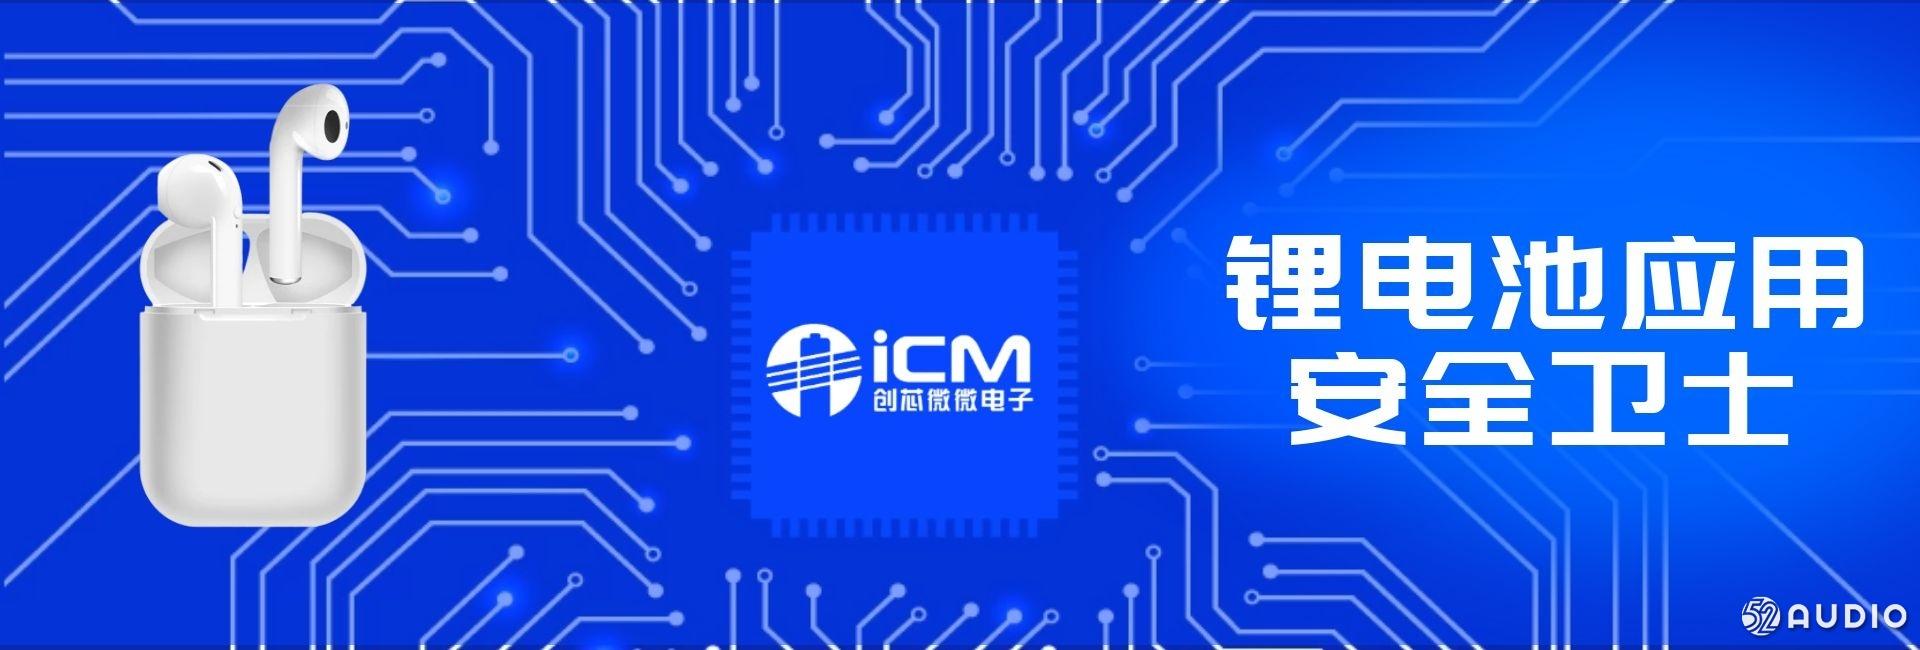 小体积,大保护—CM1124为TWS蓝牙耳机锂电池安全应用保驾护航 展位号:B13-我爱音频网